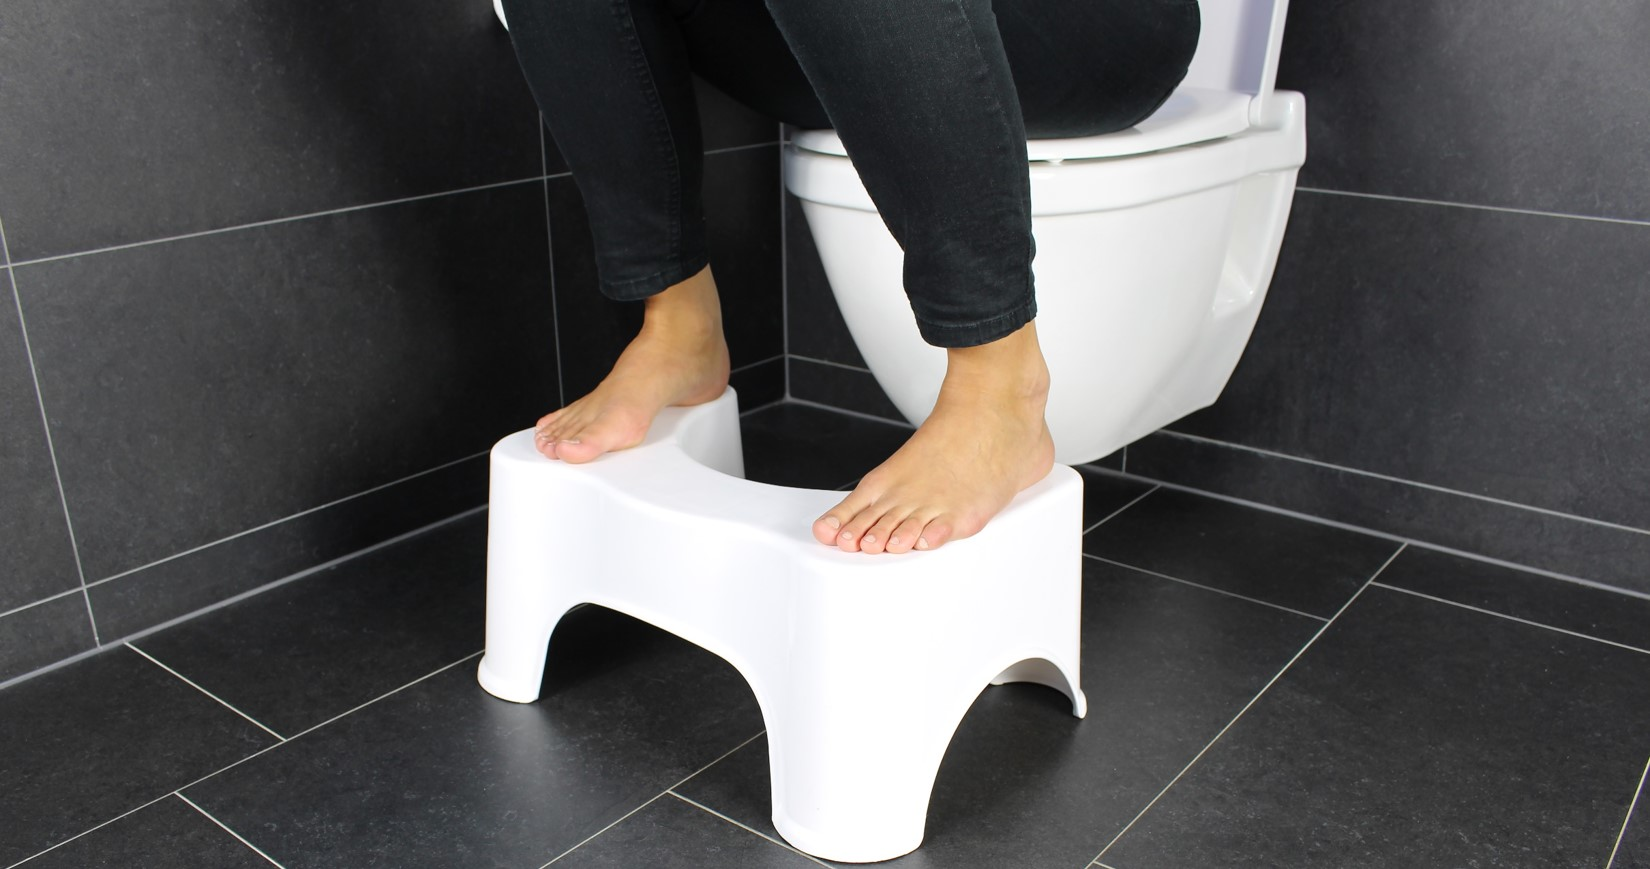 toiletkruk in gebruik